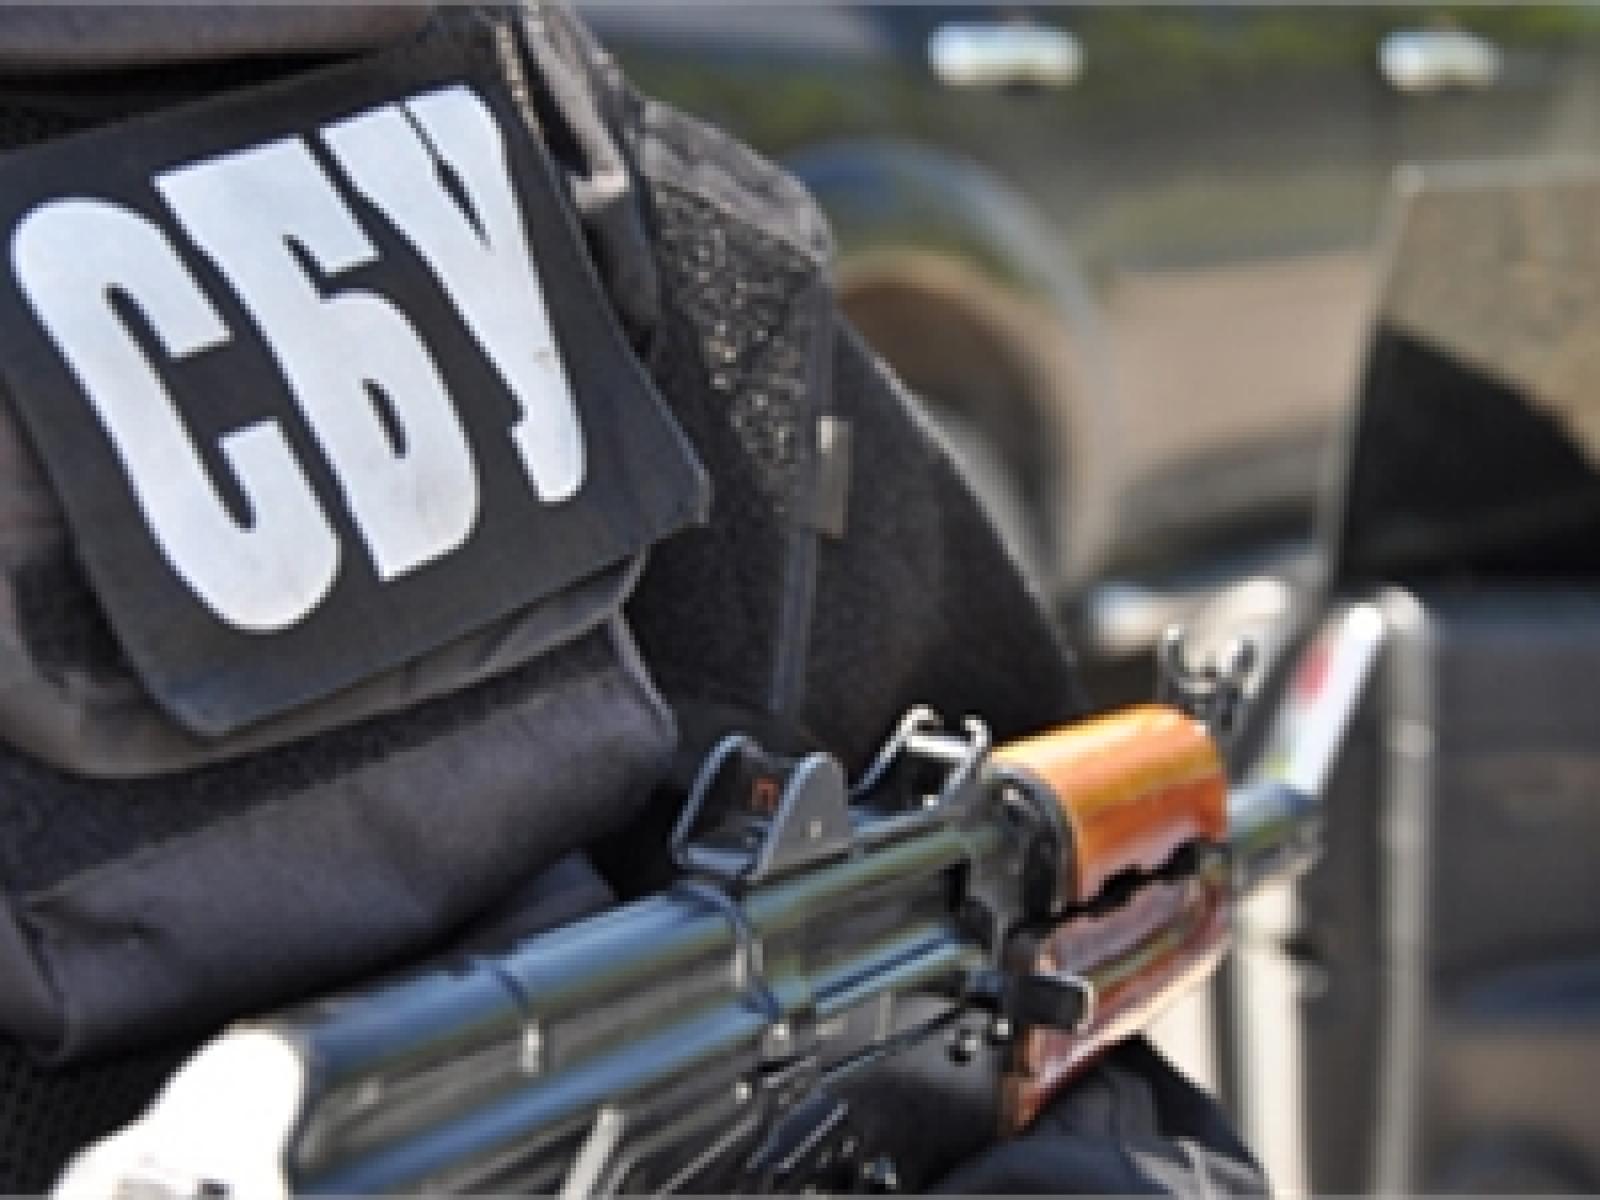 Проти хмельничанина відкрито справу за виготовлення «агіток» та антиукраїнську діяльність у мережі – СБУ